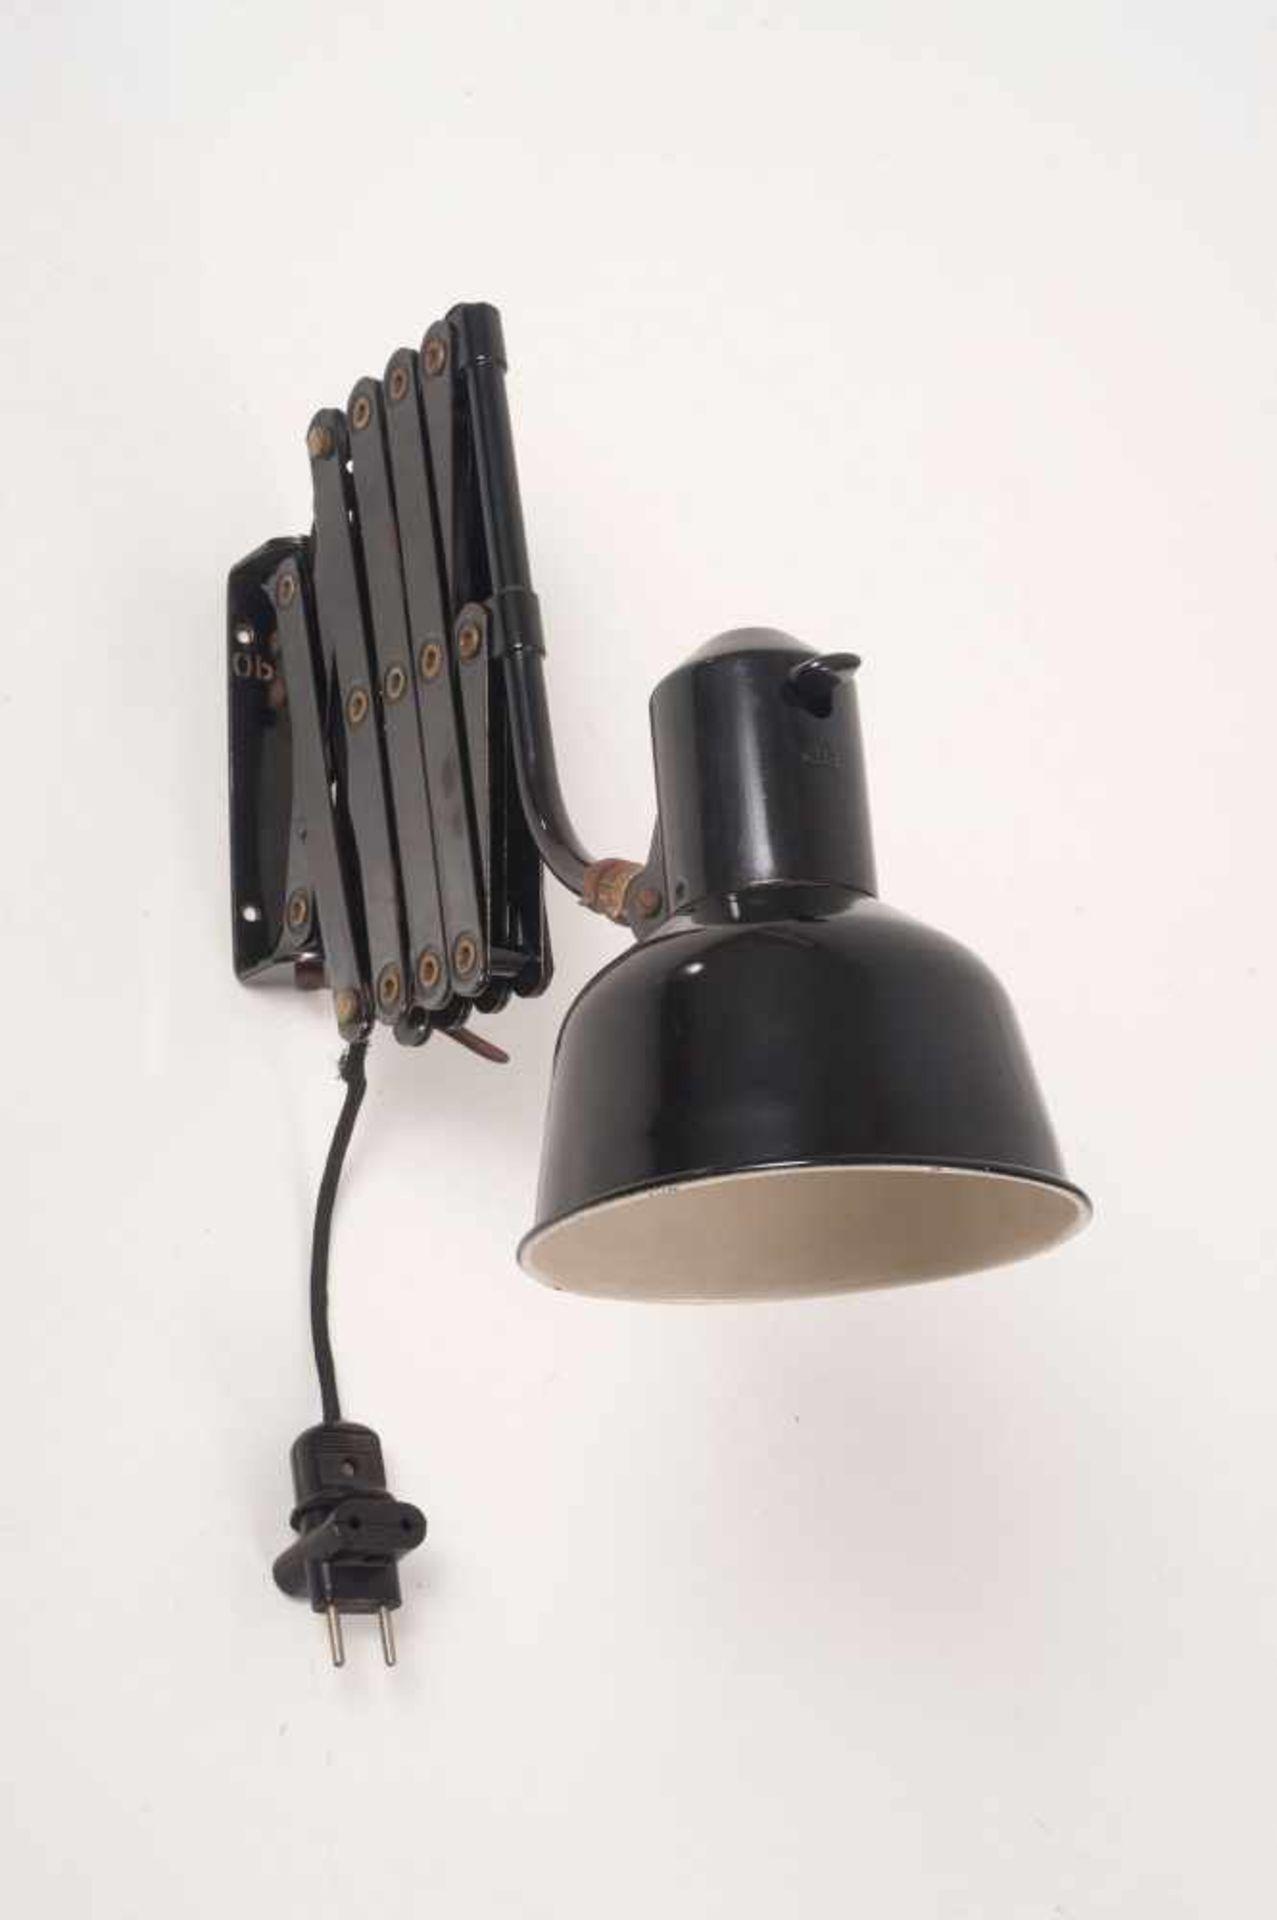 SiS, Schweinfurt 'Scherenleuchte', 1930er Jahre L. 99 cm (max.). Metallrohr, Metallblech, schwarz - Bild 5 aus 6